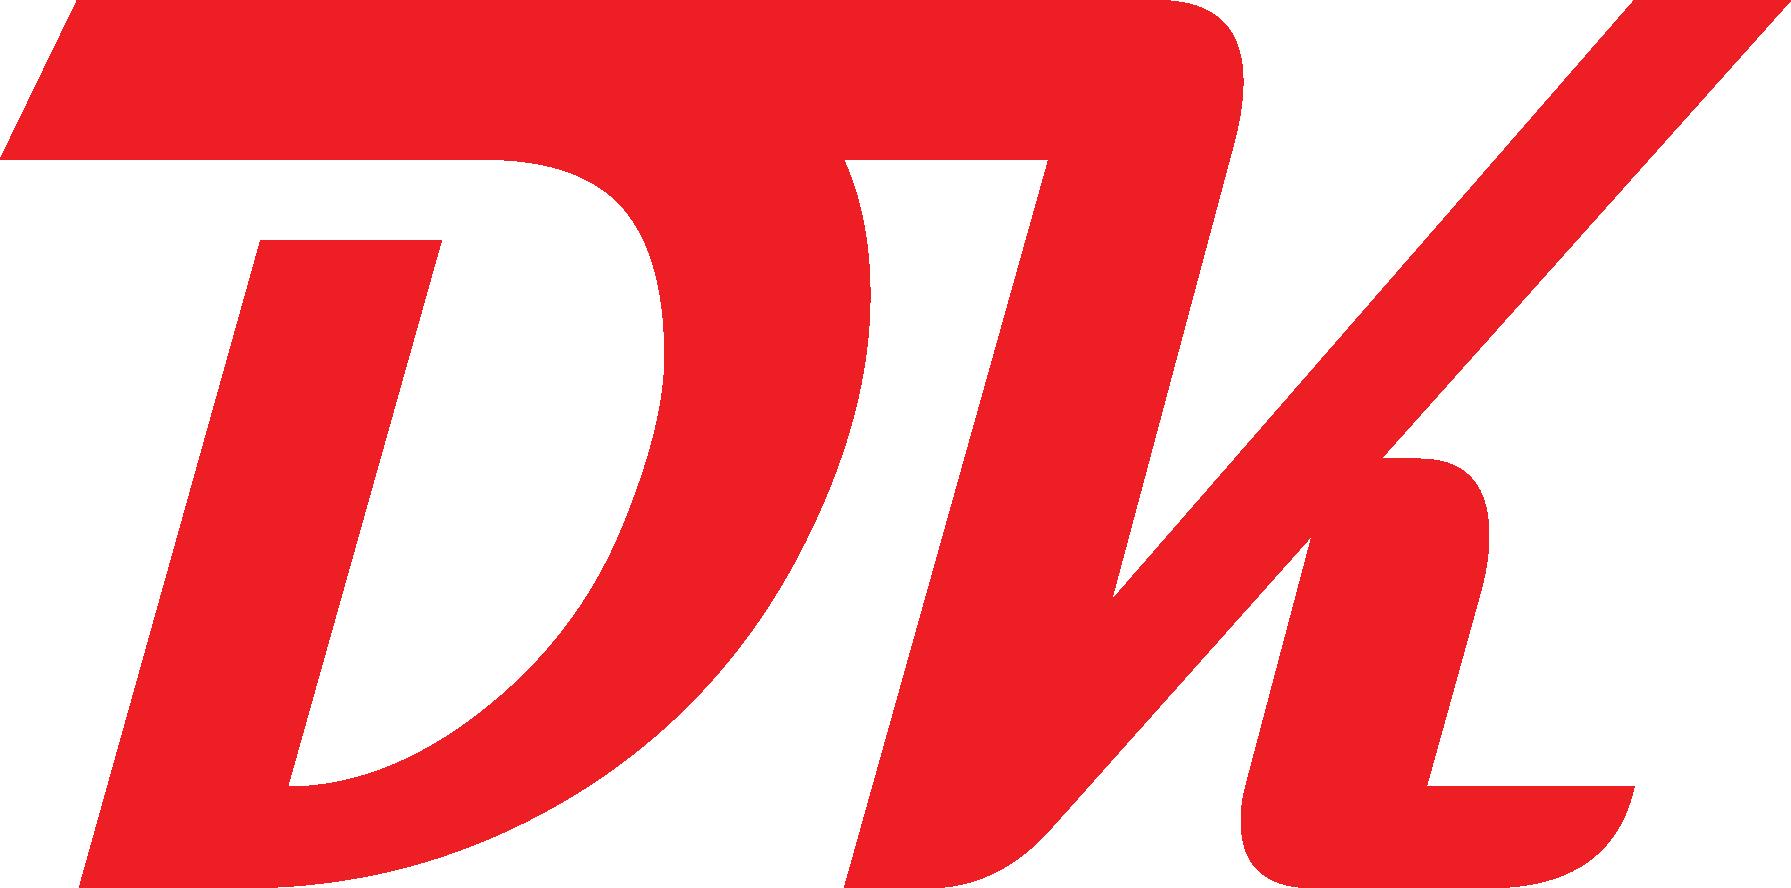 DKRuud